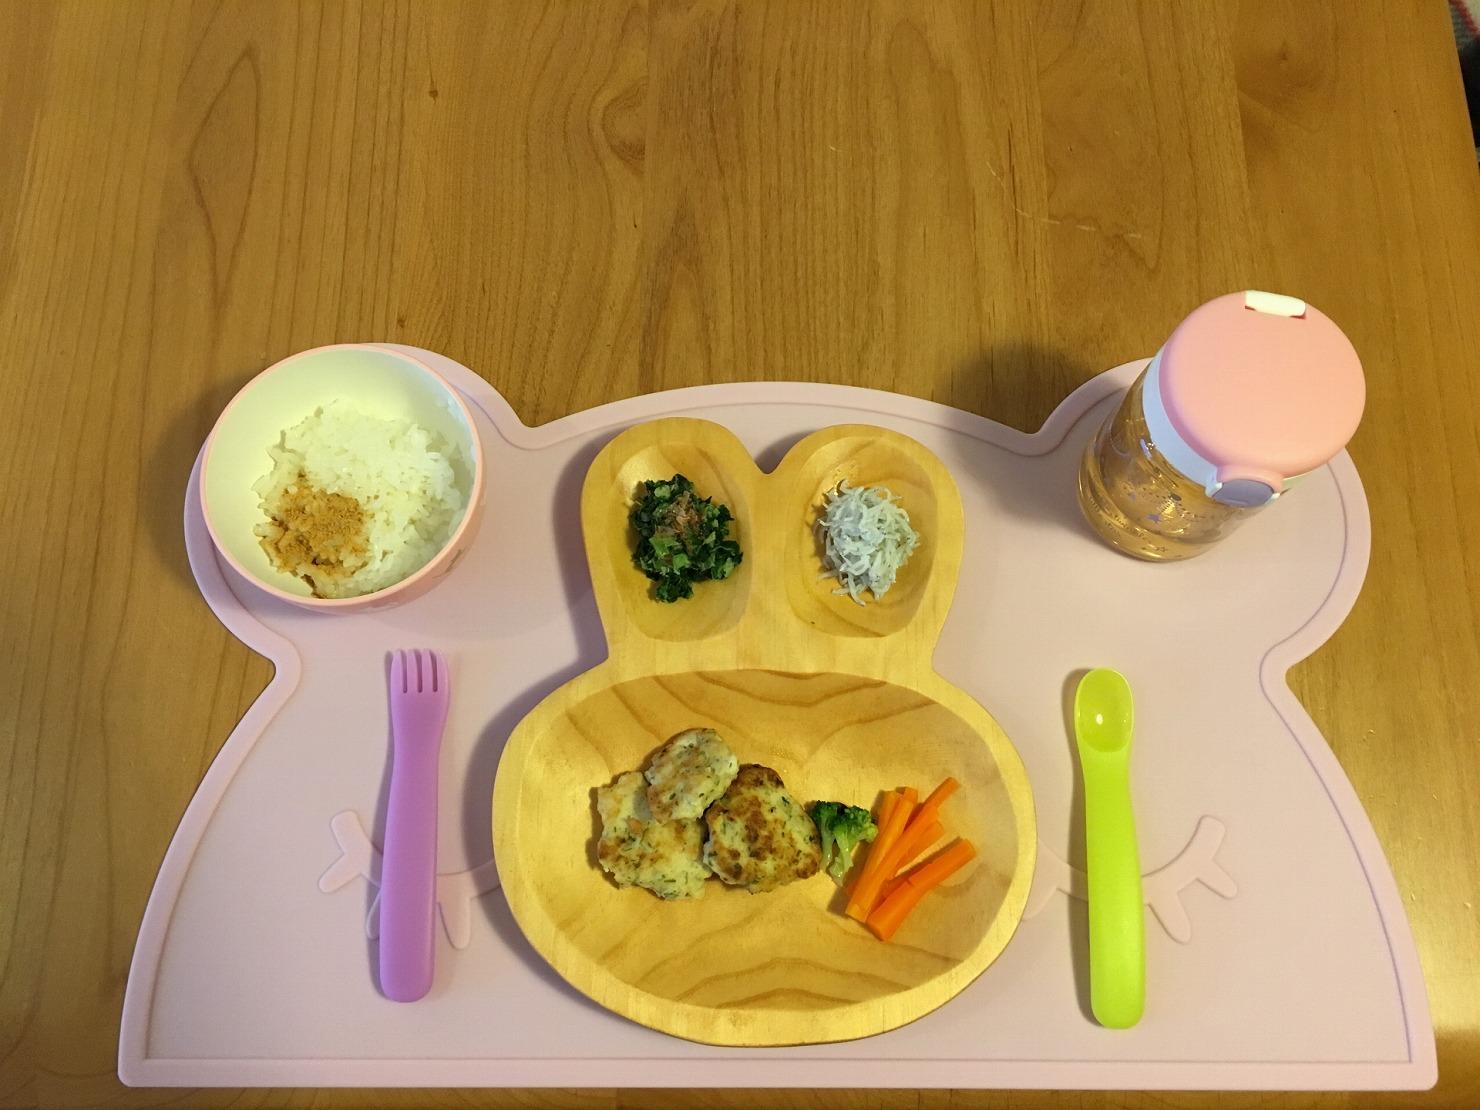 【管理栄養士監修】生後10ヶ月の離乳食の進め方や量は? レシピ15選も紹介!